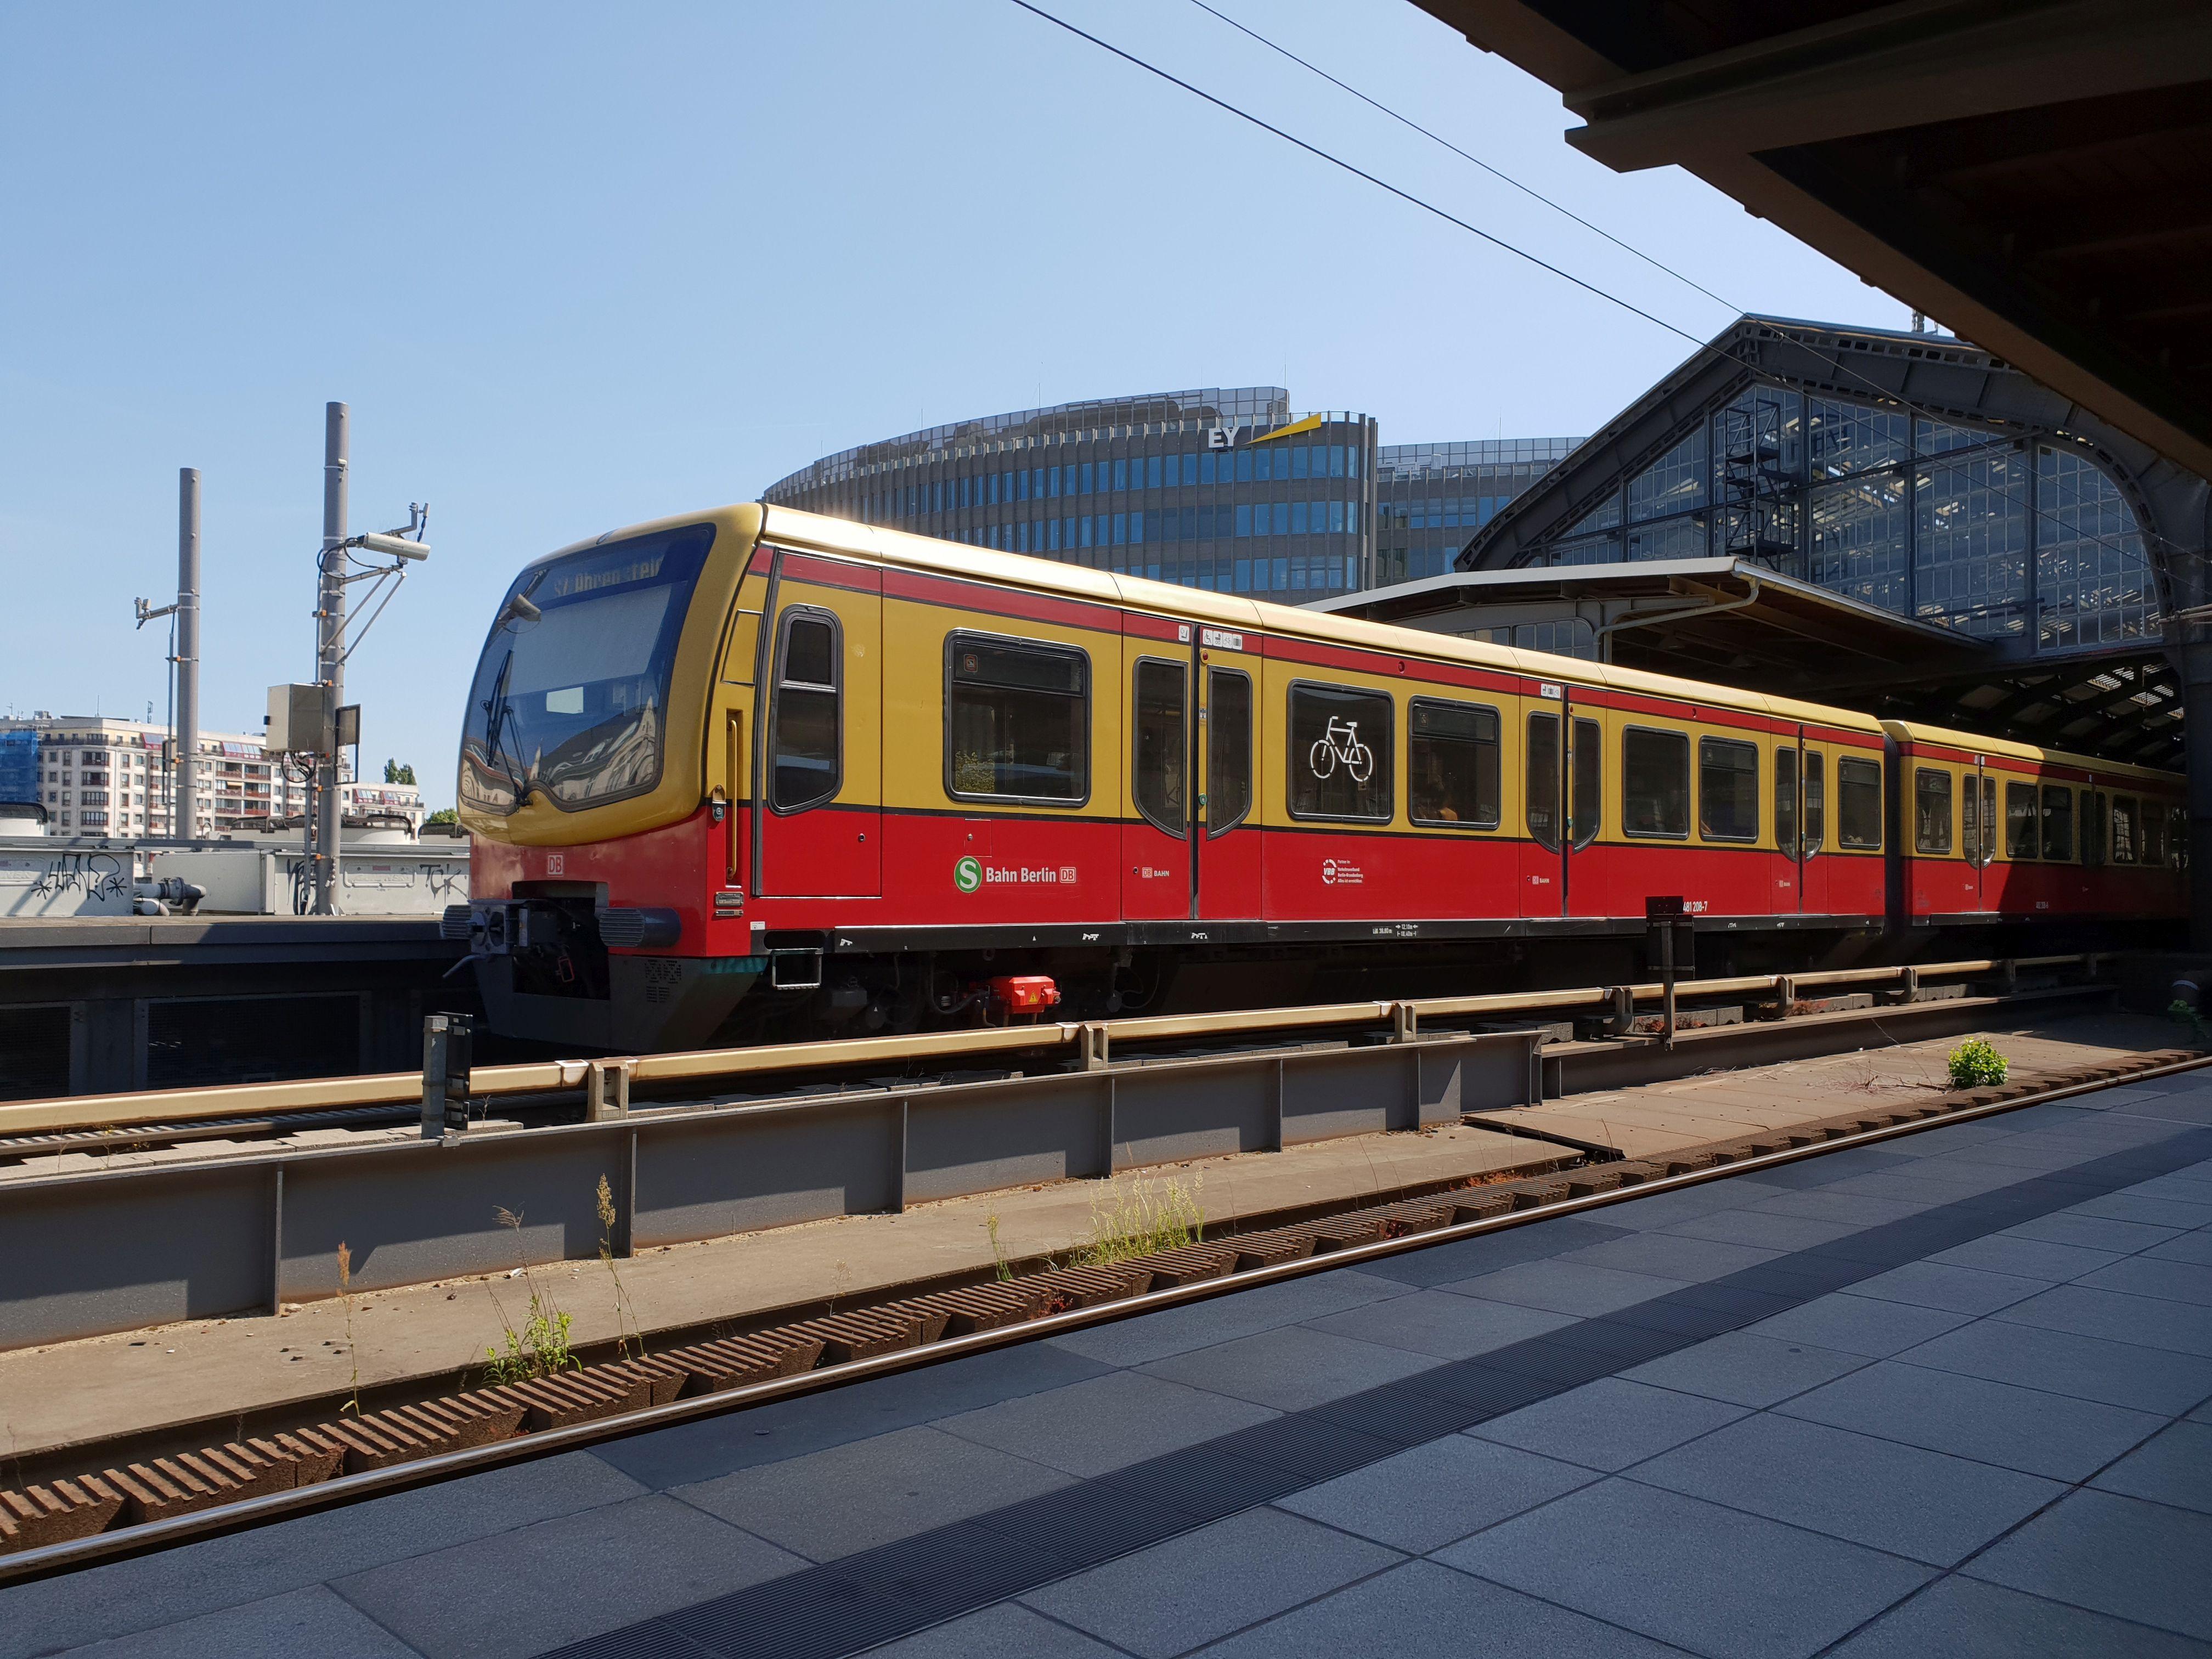 Foto:S-Bahn 481 208, Baureihe481/482, Friedrichstr., 2018